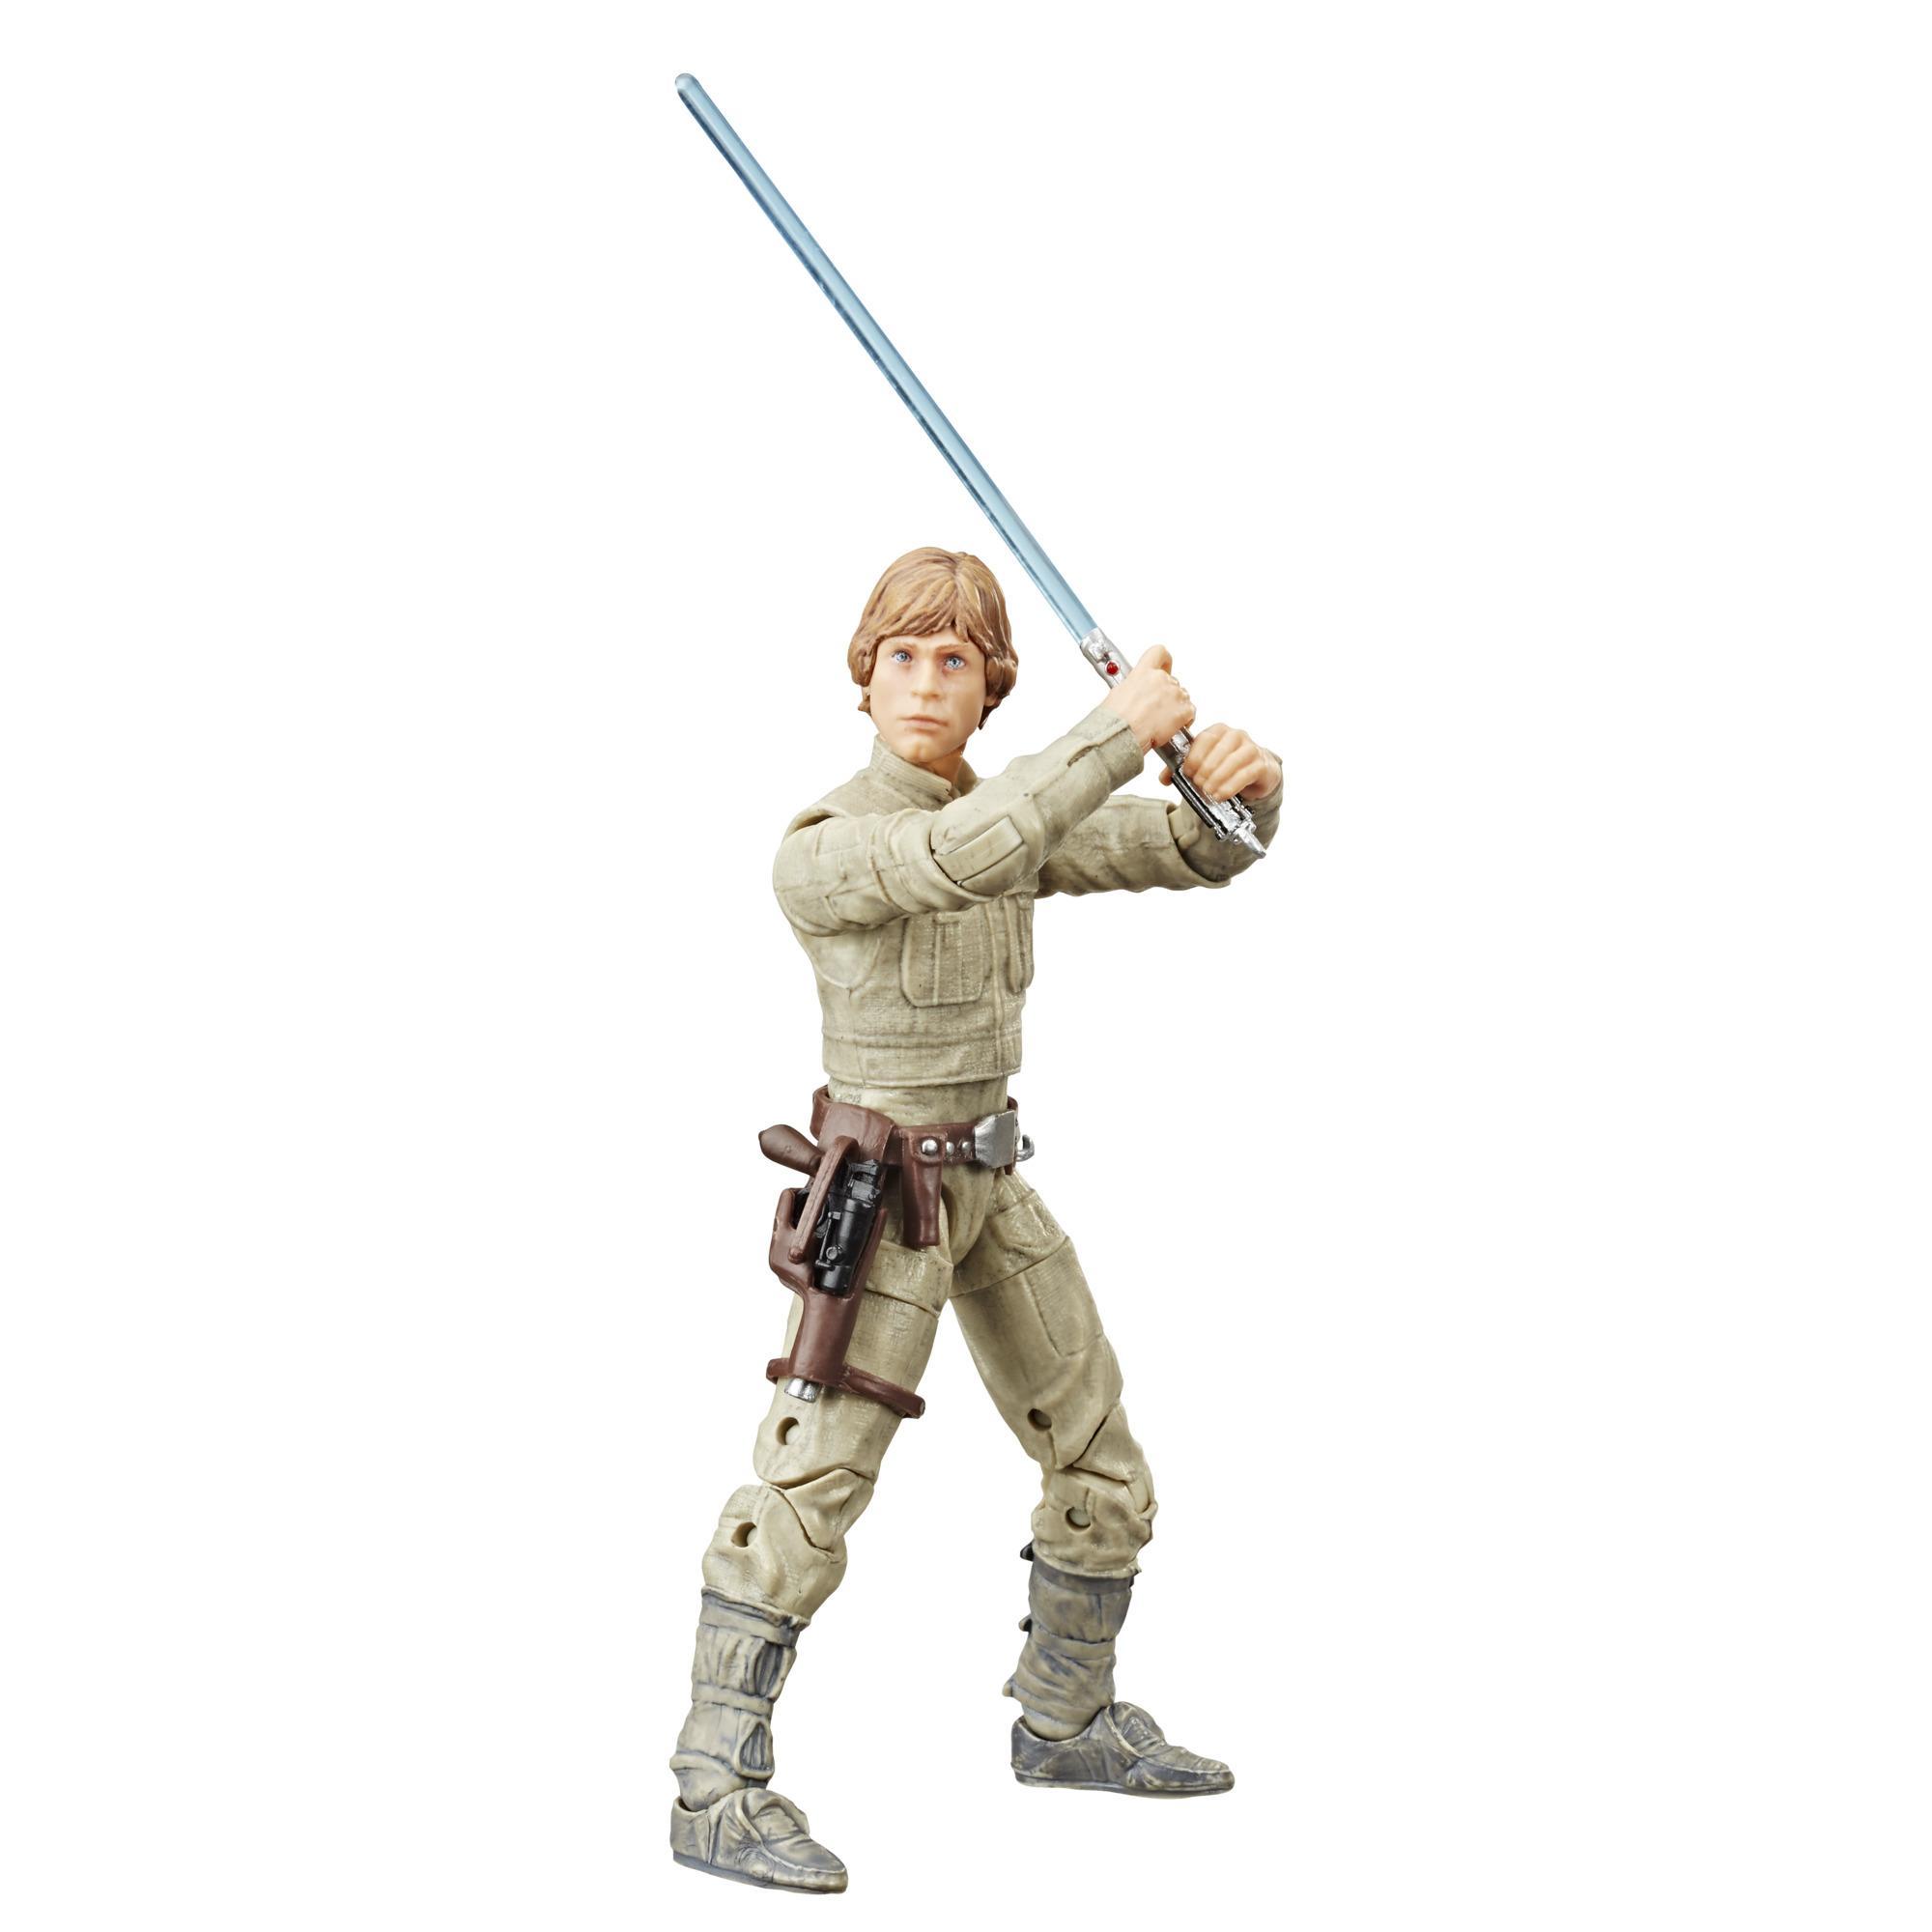 Figura de acción de Luke Skywalker (Bespin) de Star Wars The Black Series por el 40.° aniversario de Star Wars: El Imperio contraataca